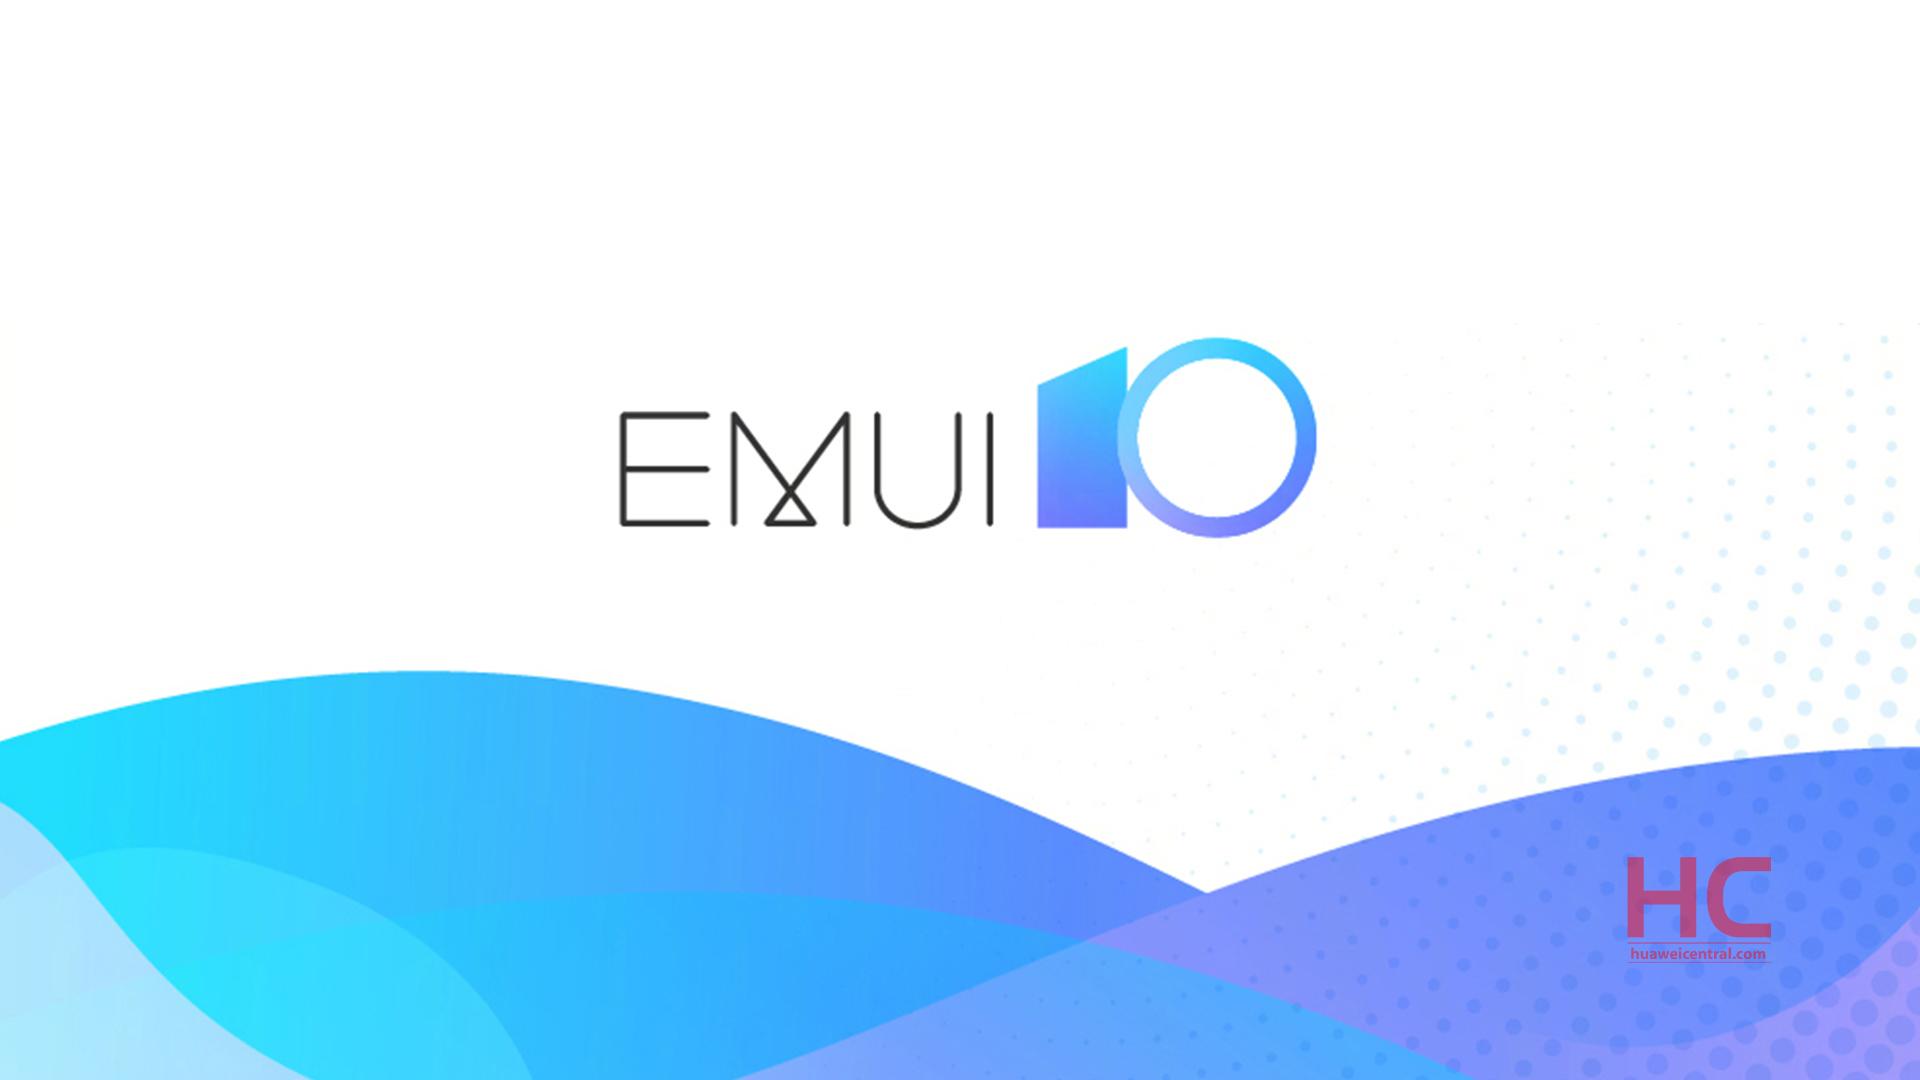 Утверждено: эти смартфоны Honor иHuawei неполучат EMUI 10